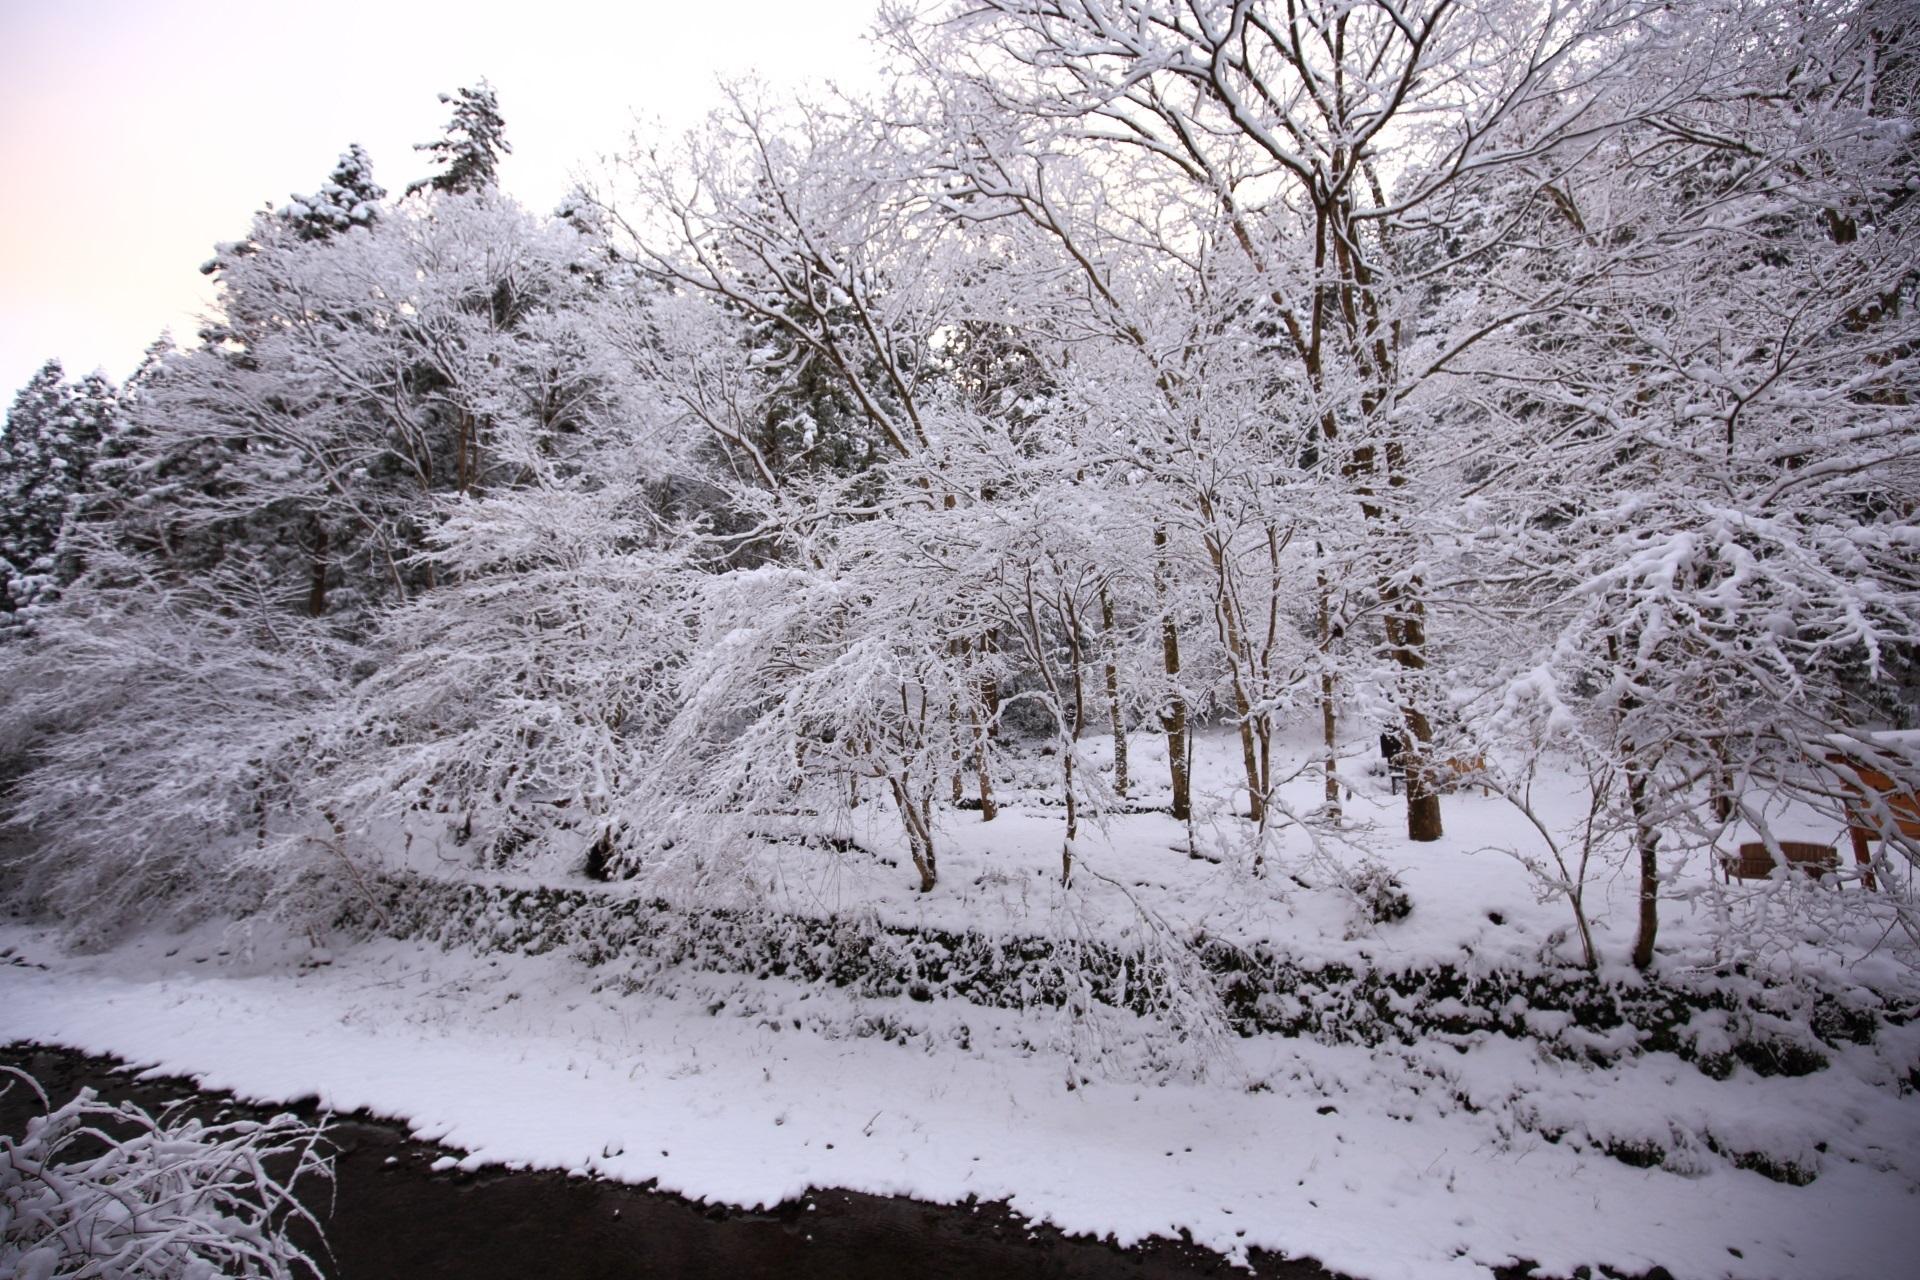 貴船川沿いの古事の森の雪景色